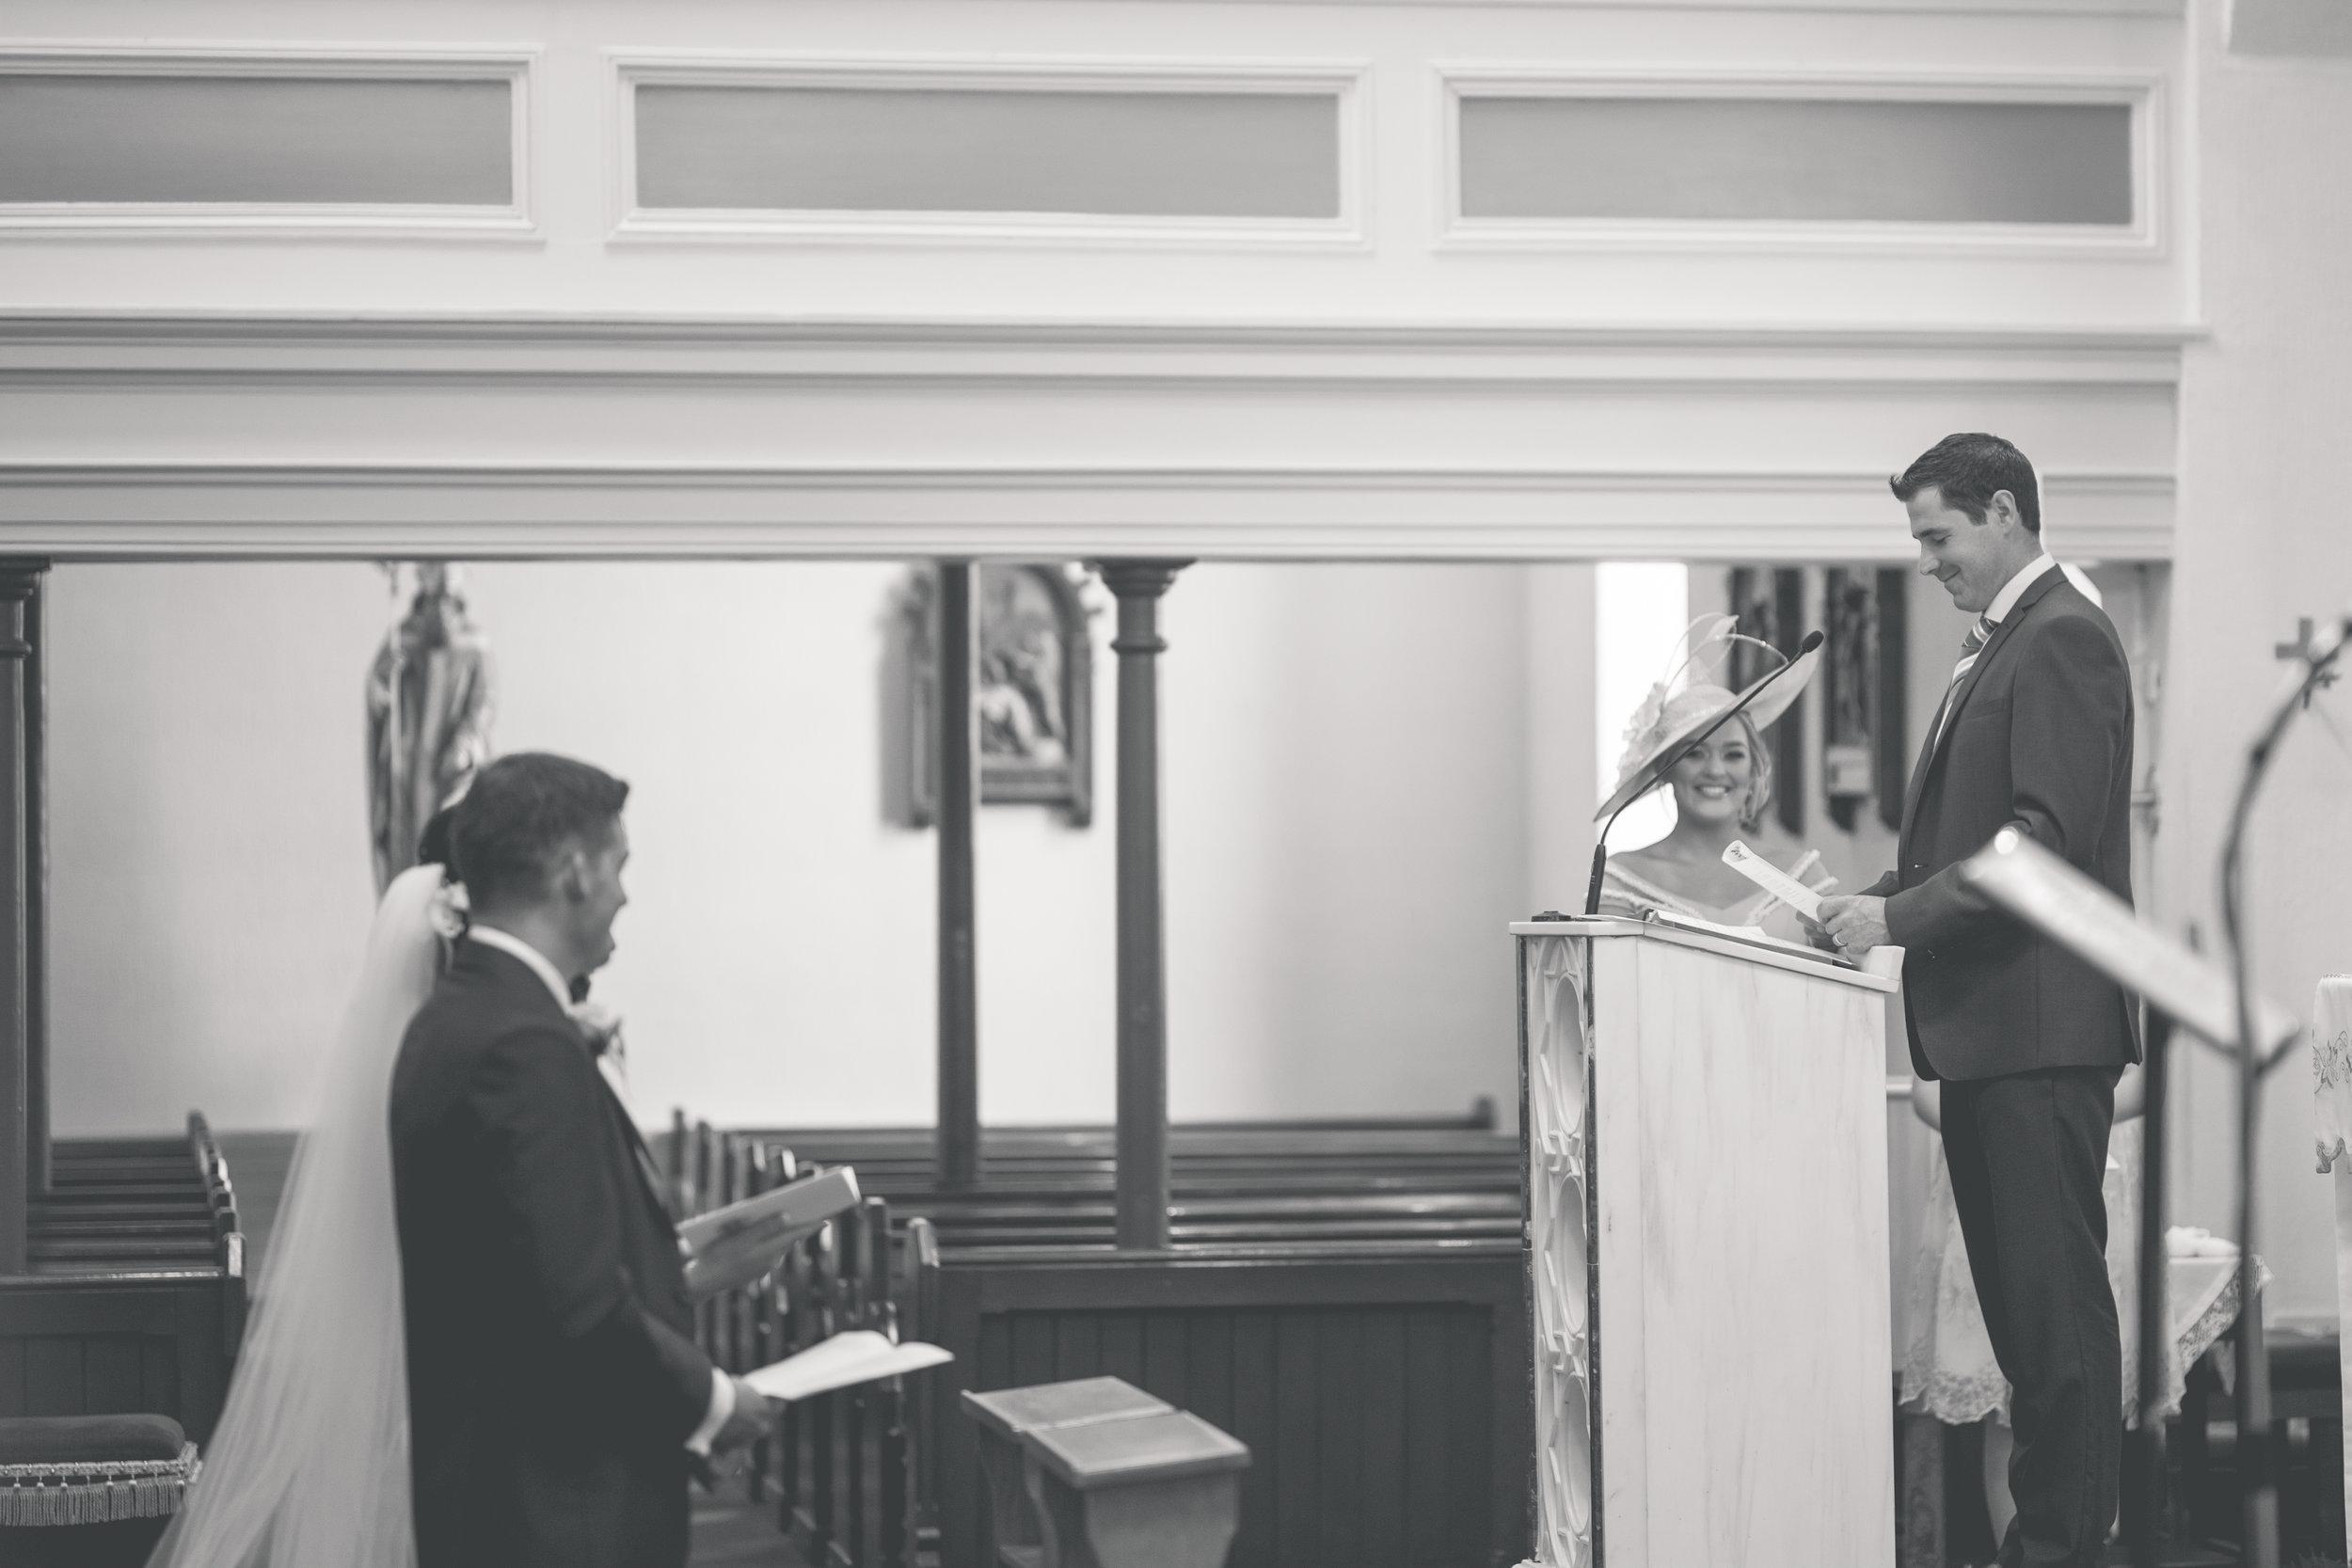 Brian McEwan Wedding Photography   Carol-Anne & Sean   The Ceremony-37.jpg